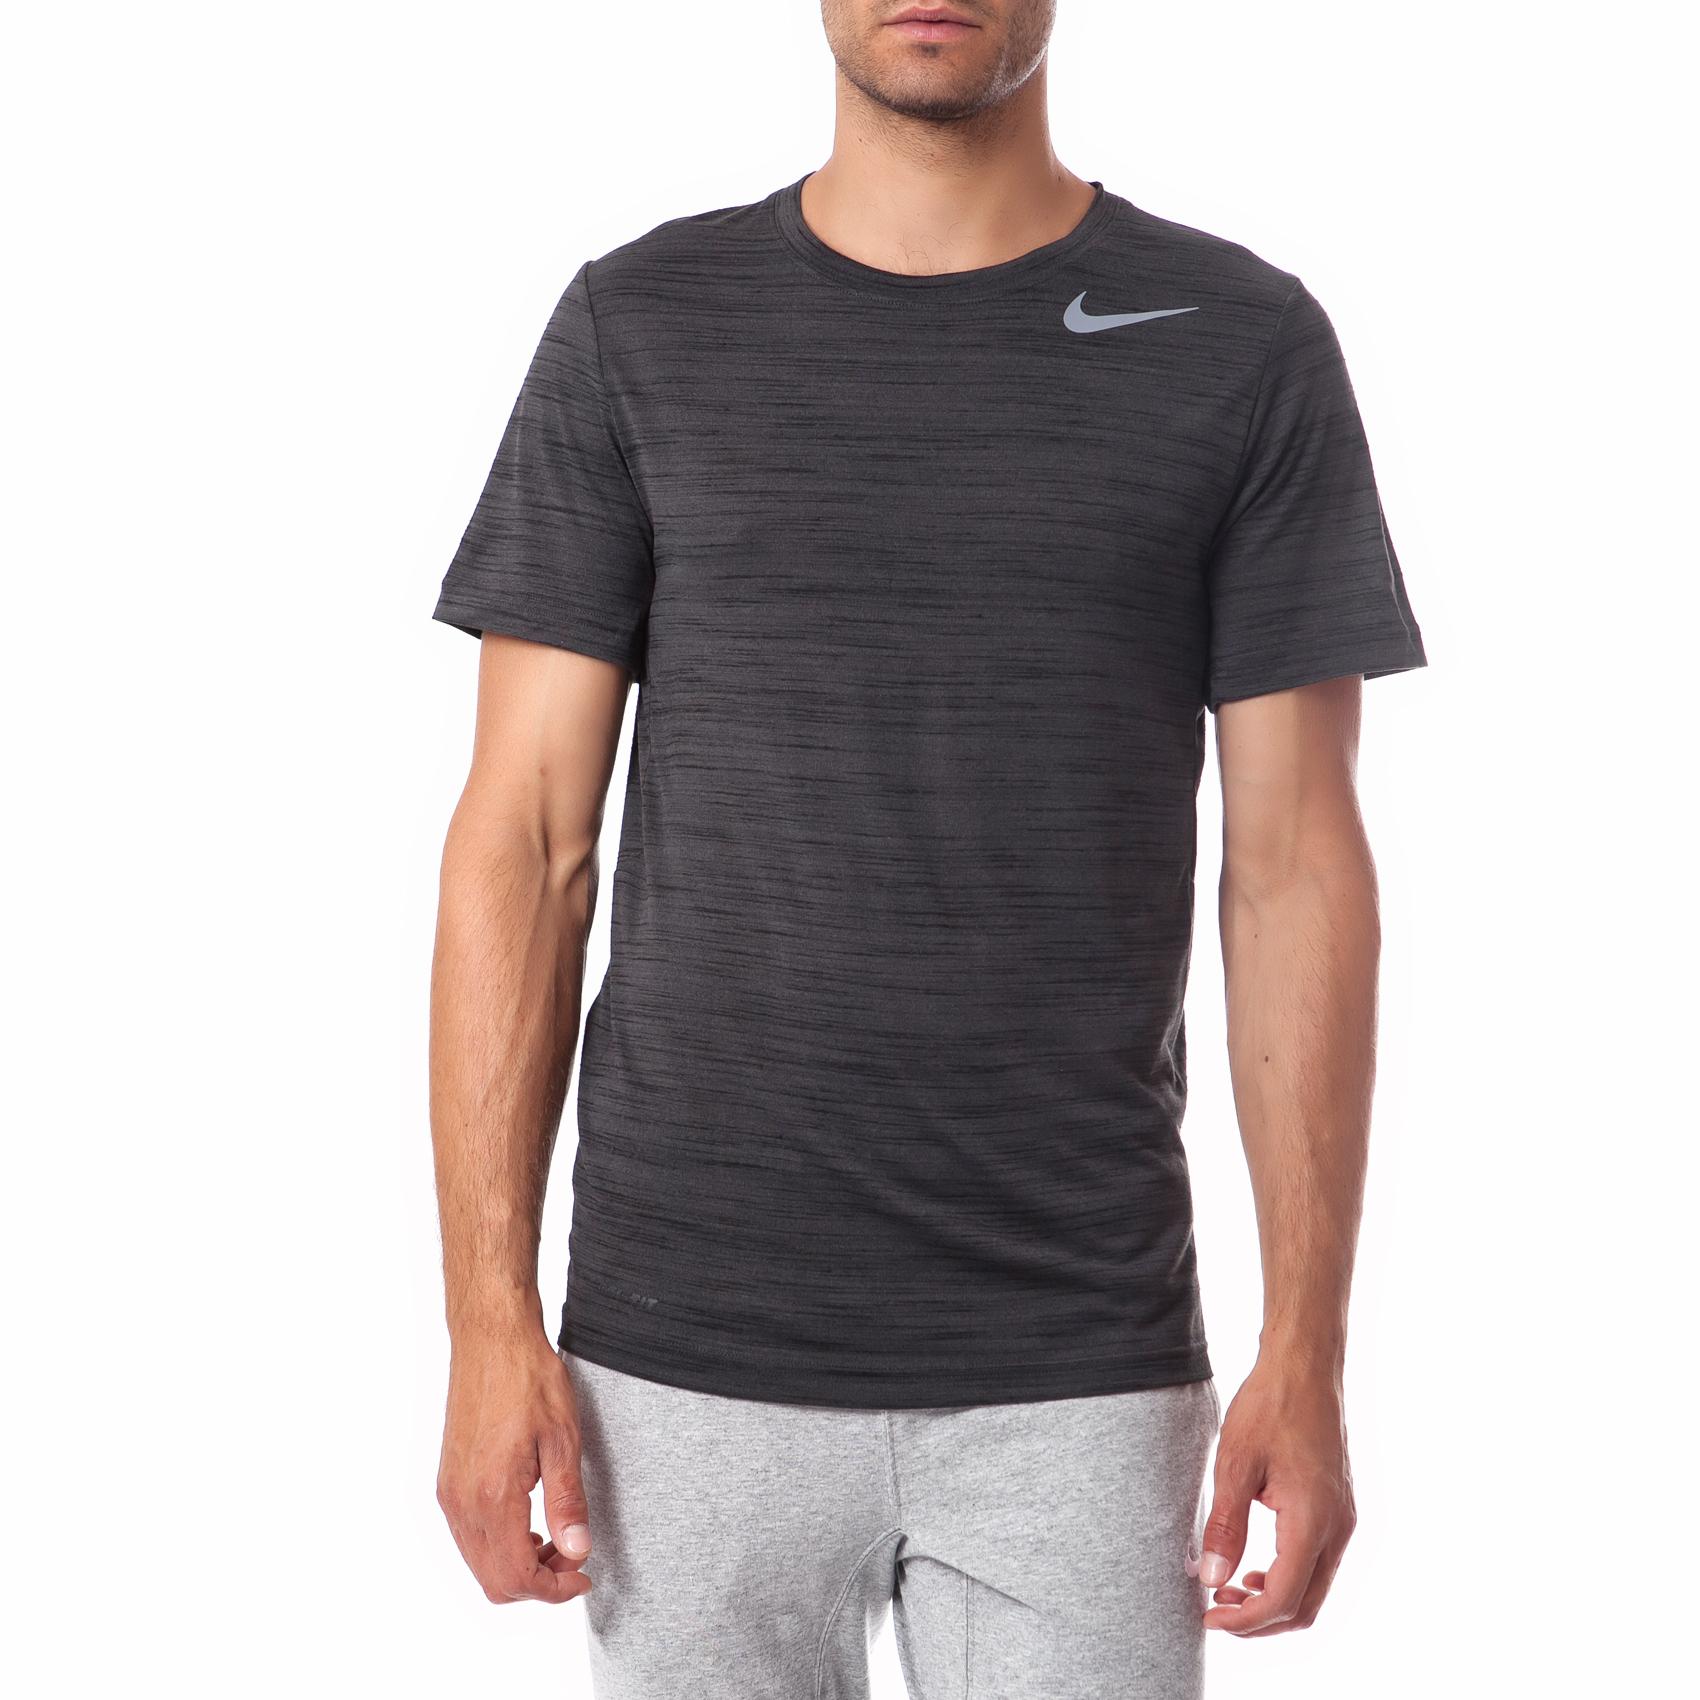 NIKE - Ανδρική μπλούζα Nike μαύρη-γκρι